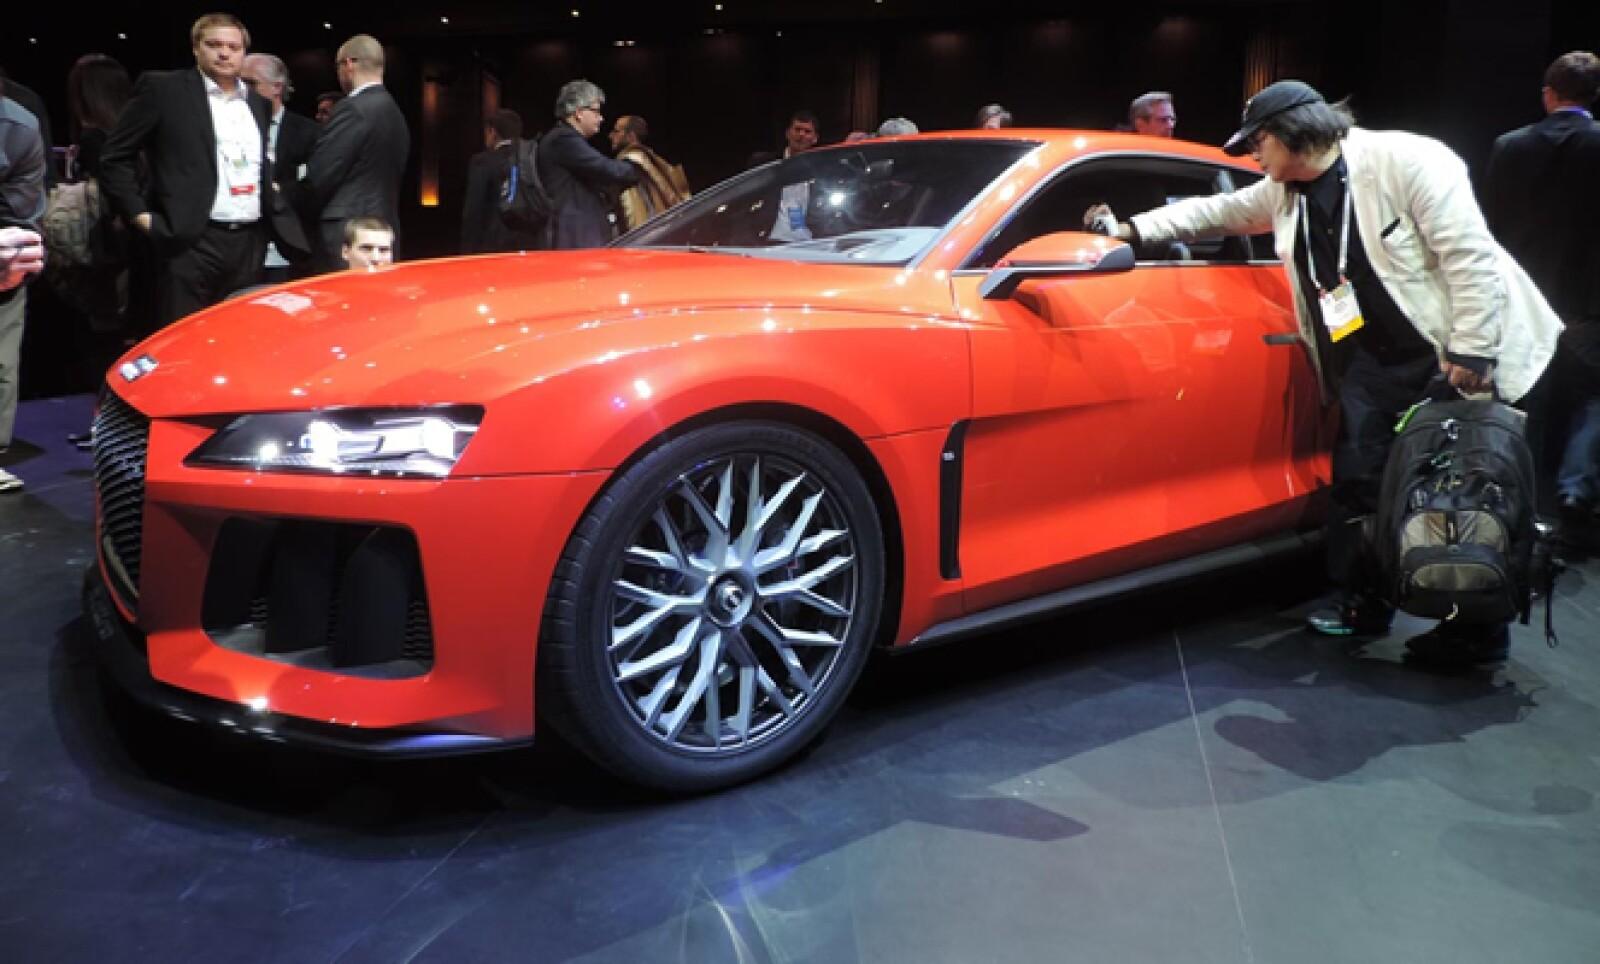 El vehículo está equipado con un sistema de autoconducción A7 y navegación, lo que lo coloca en el podio de los automóviles inteligentes.